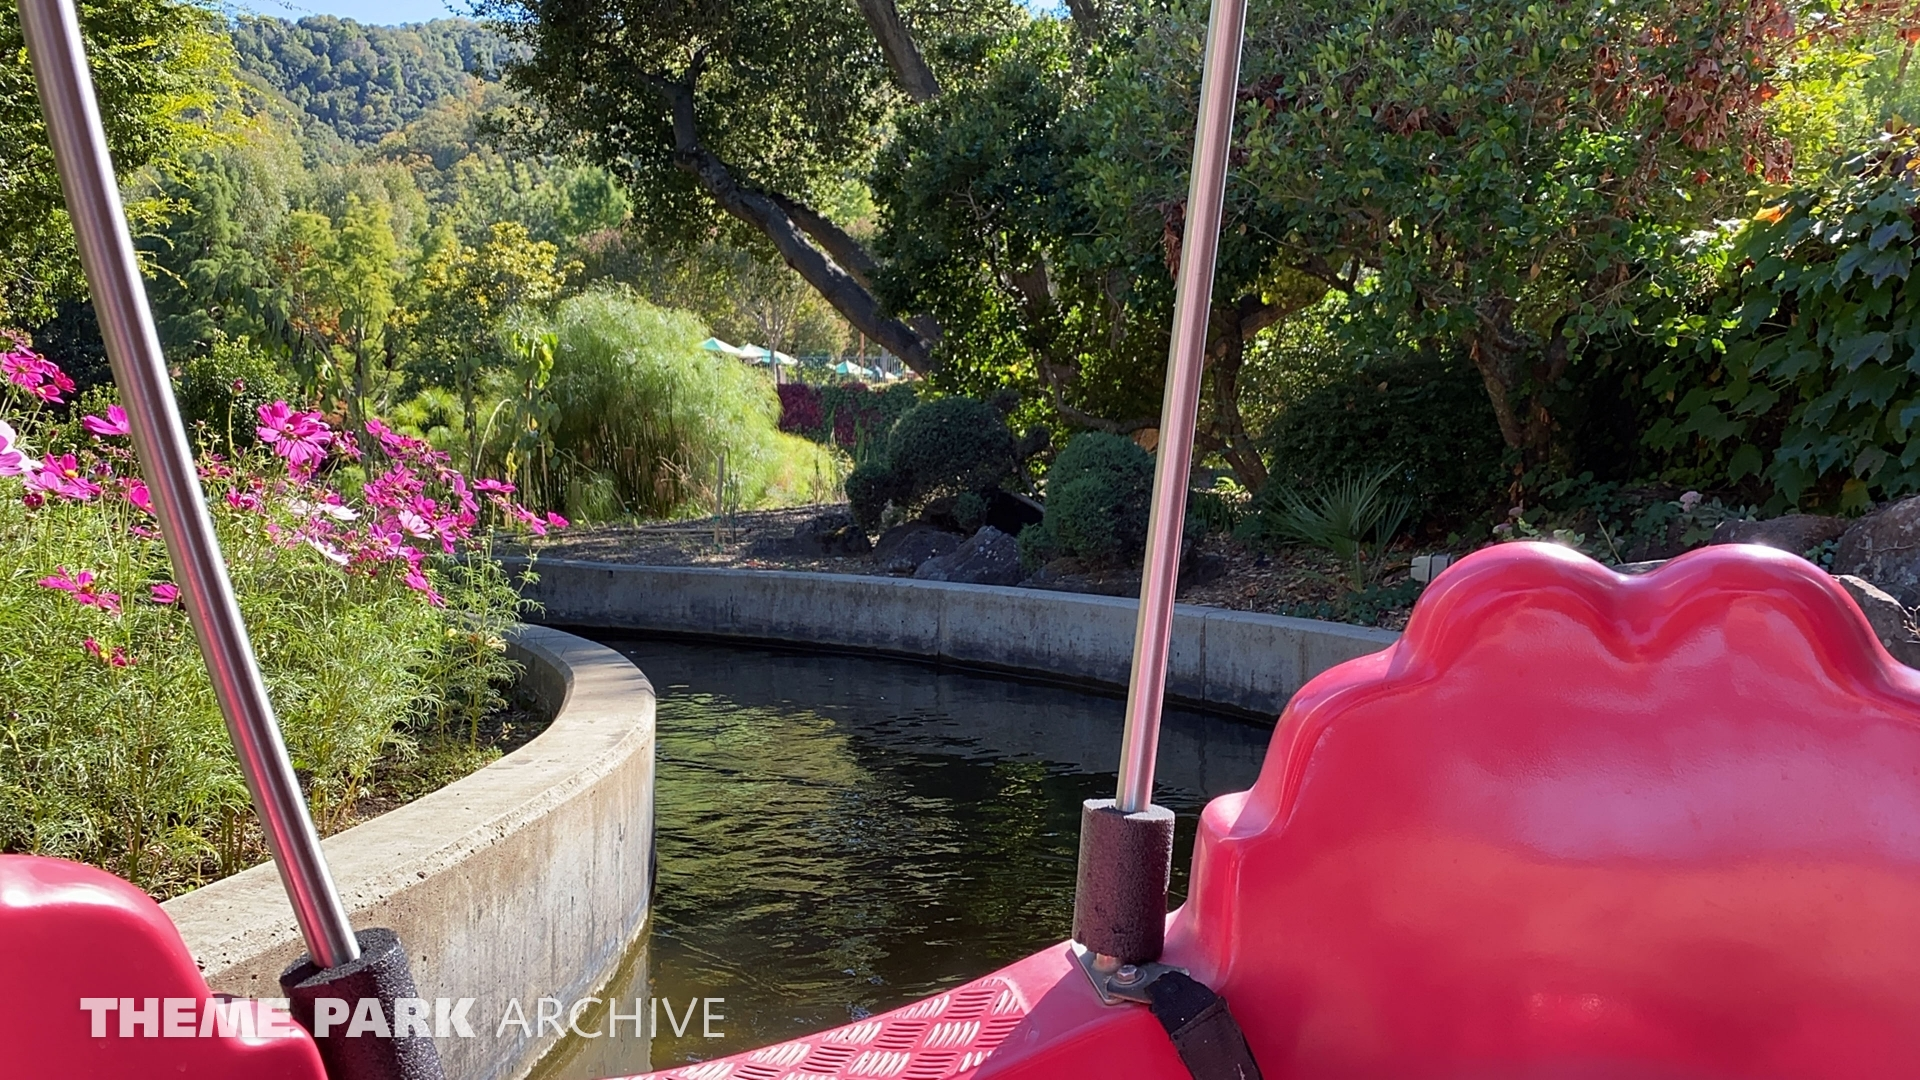 Rainbow Garden Round Boat Ride at Gilroy Gardens